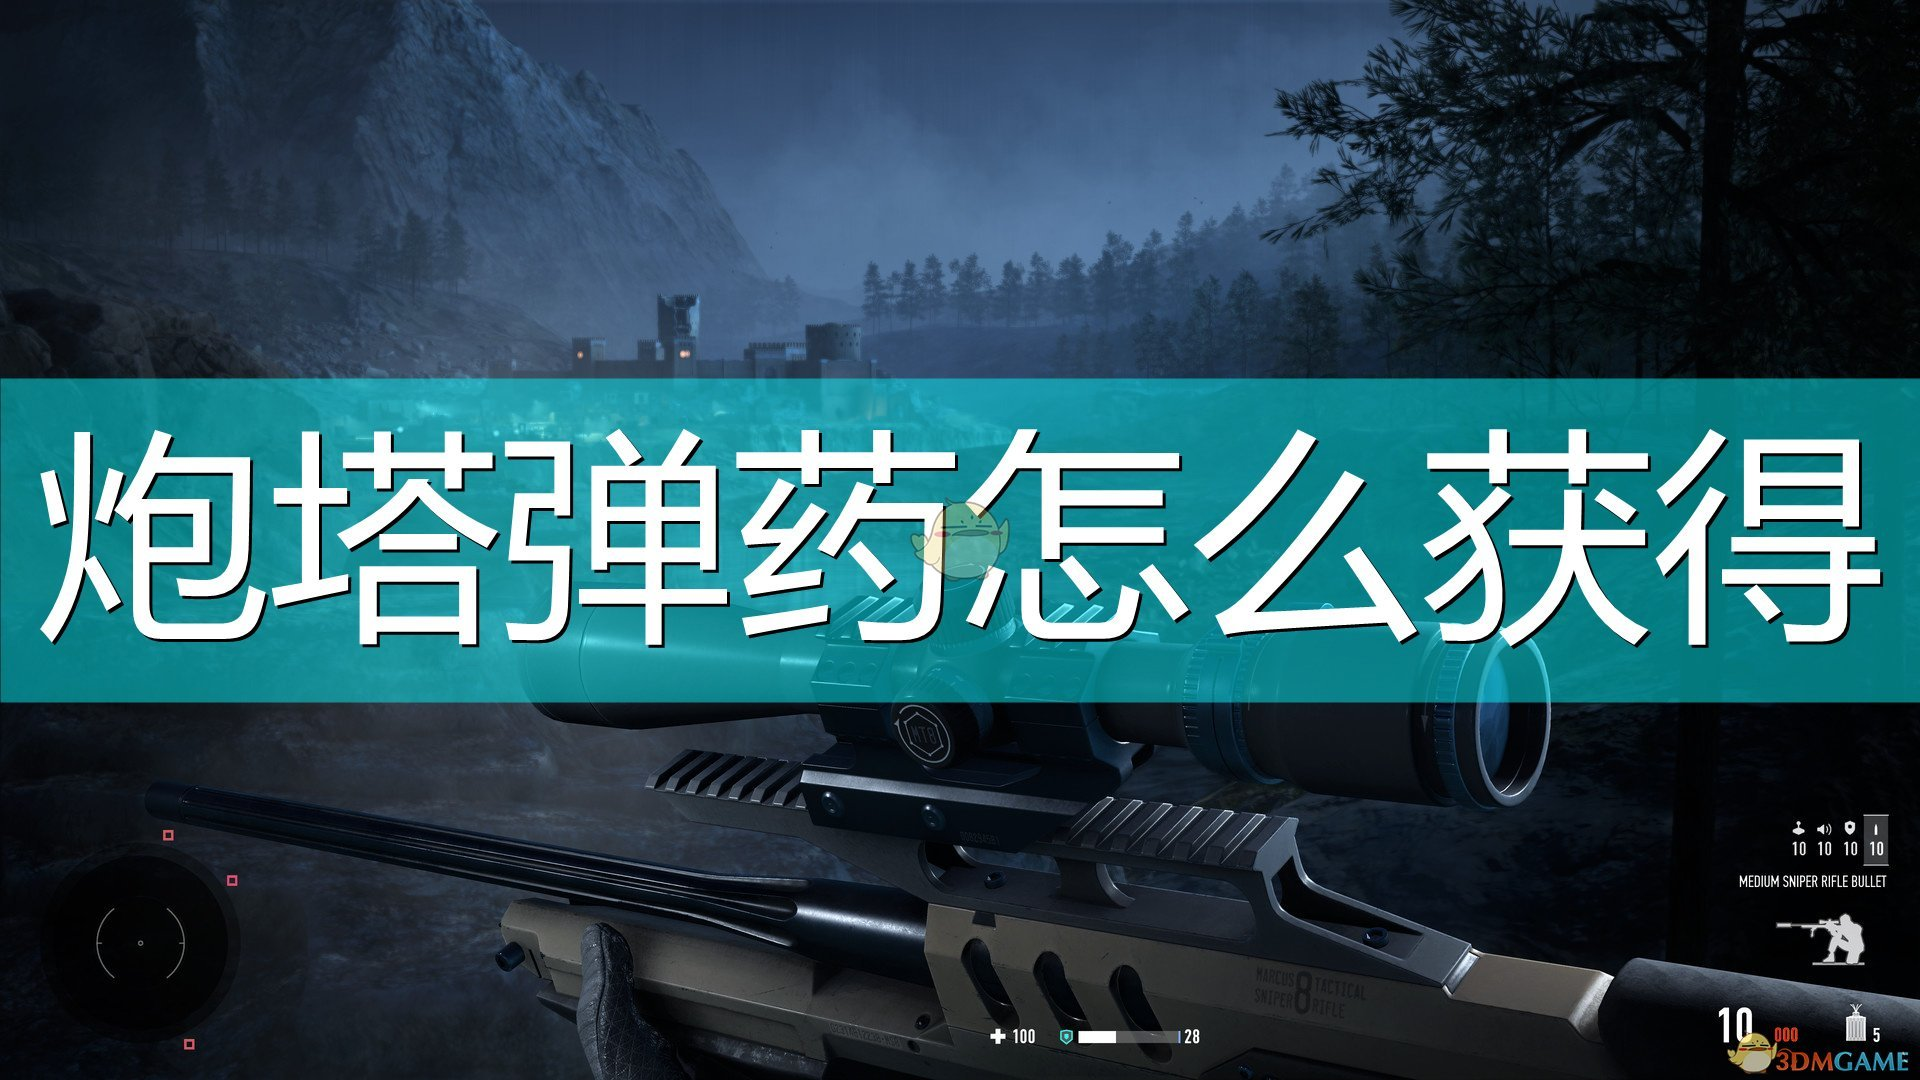 《狙击手:幽灵战士契约2》炮塔弹药获得方法介绍